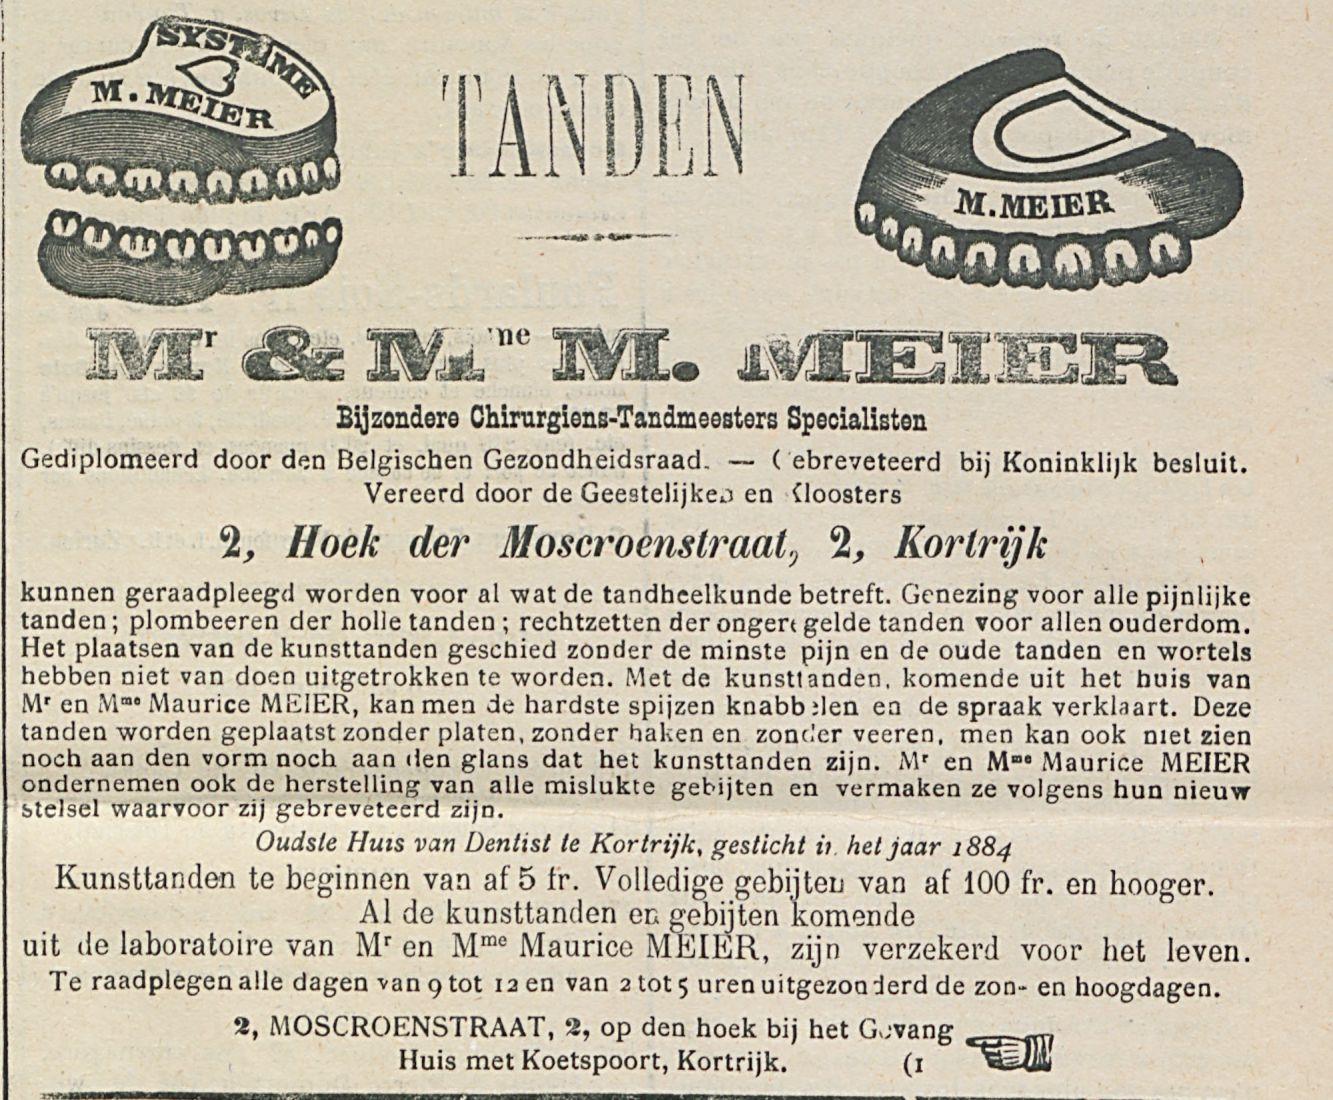 M & M M.MEIER